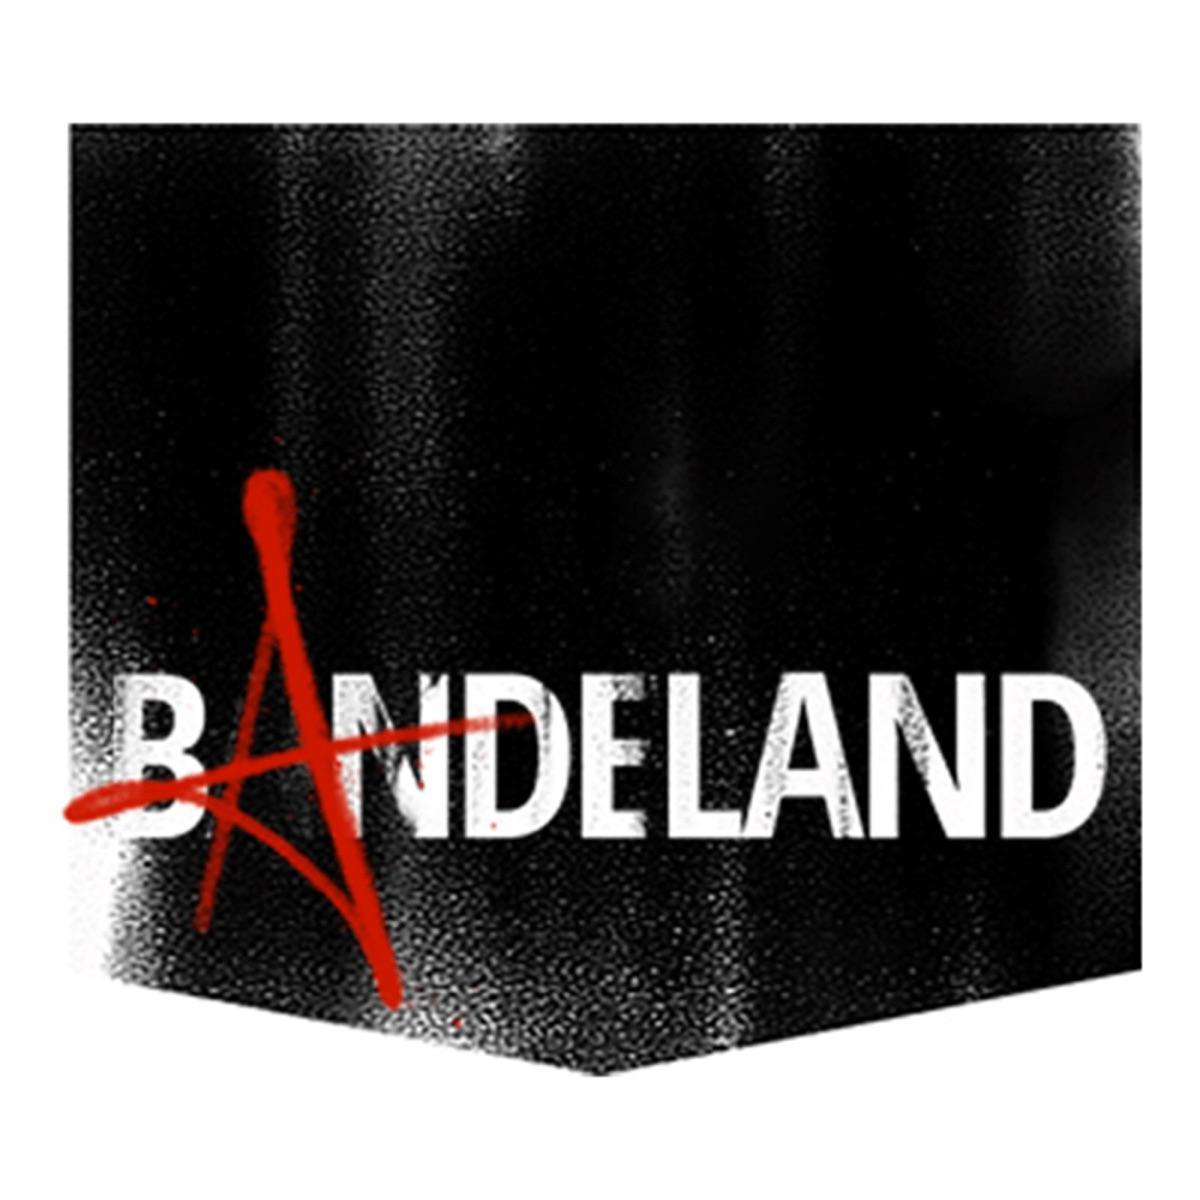 Bandeland